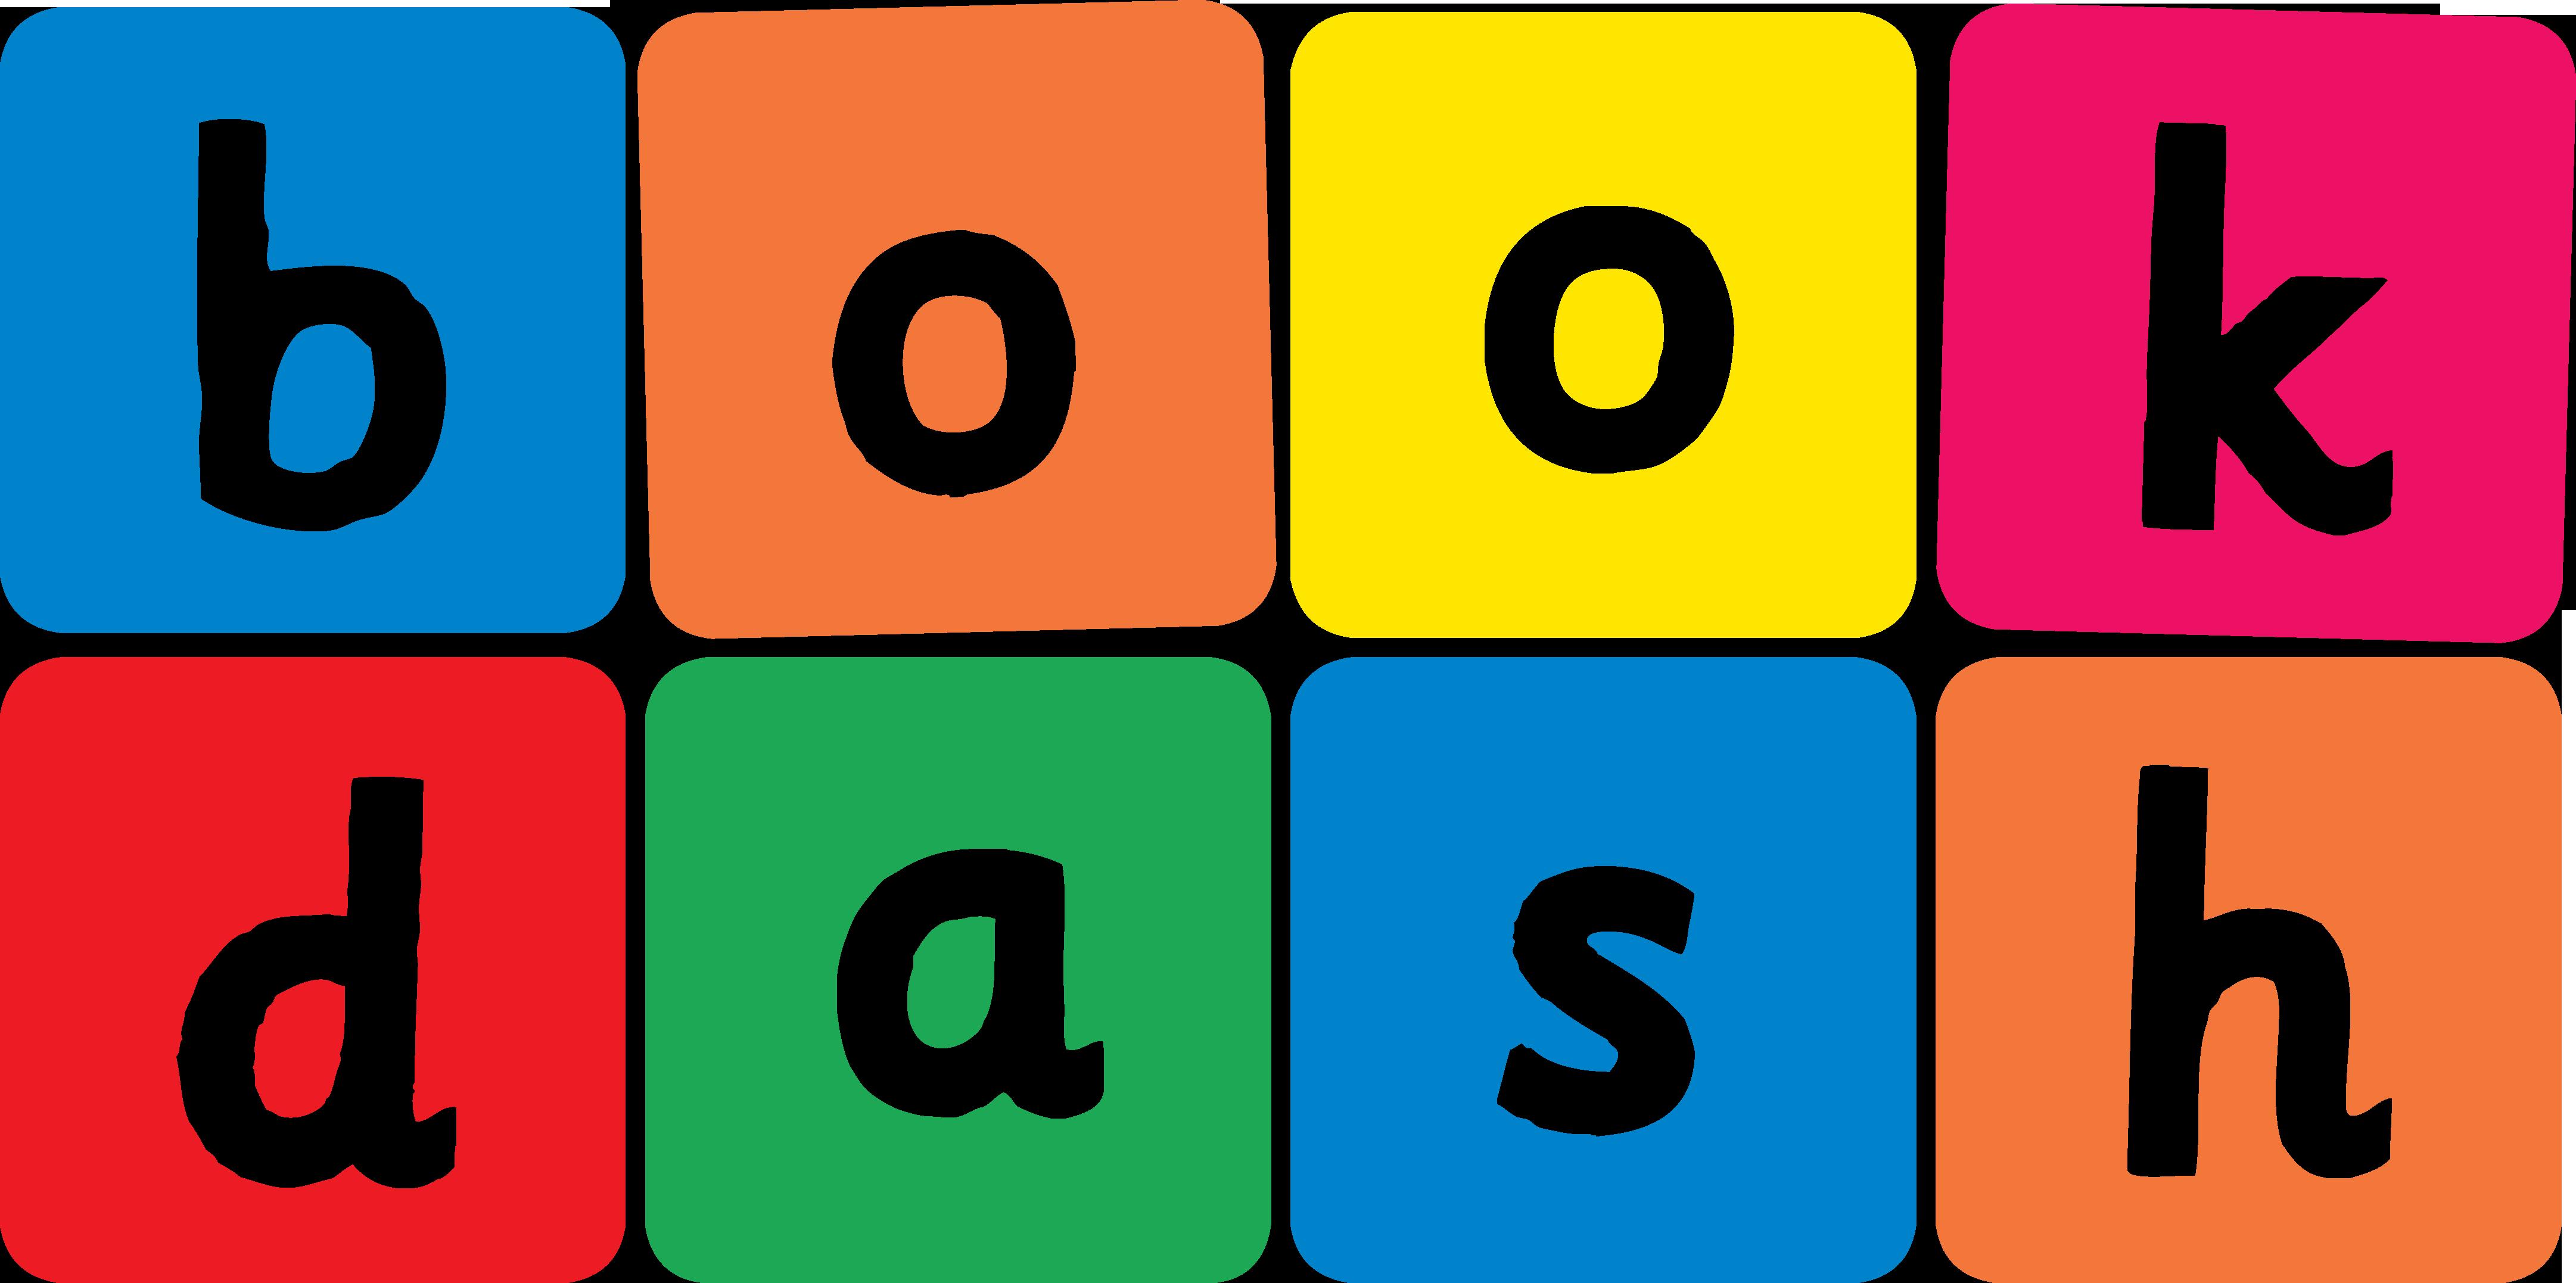 Book Dash